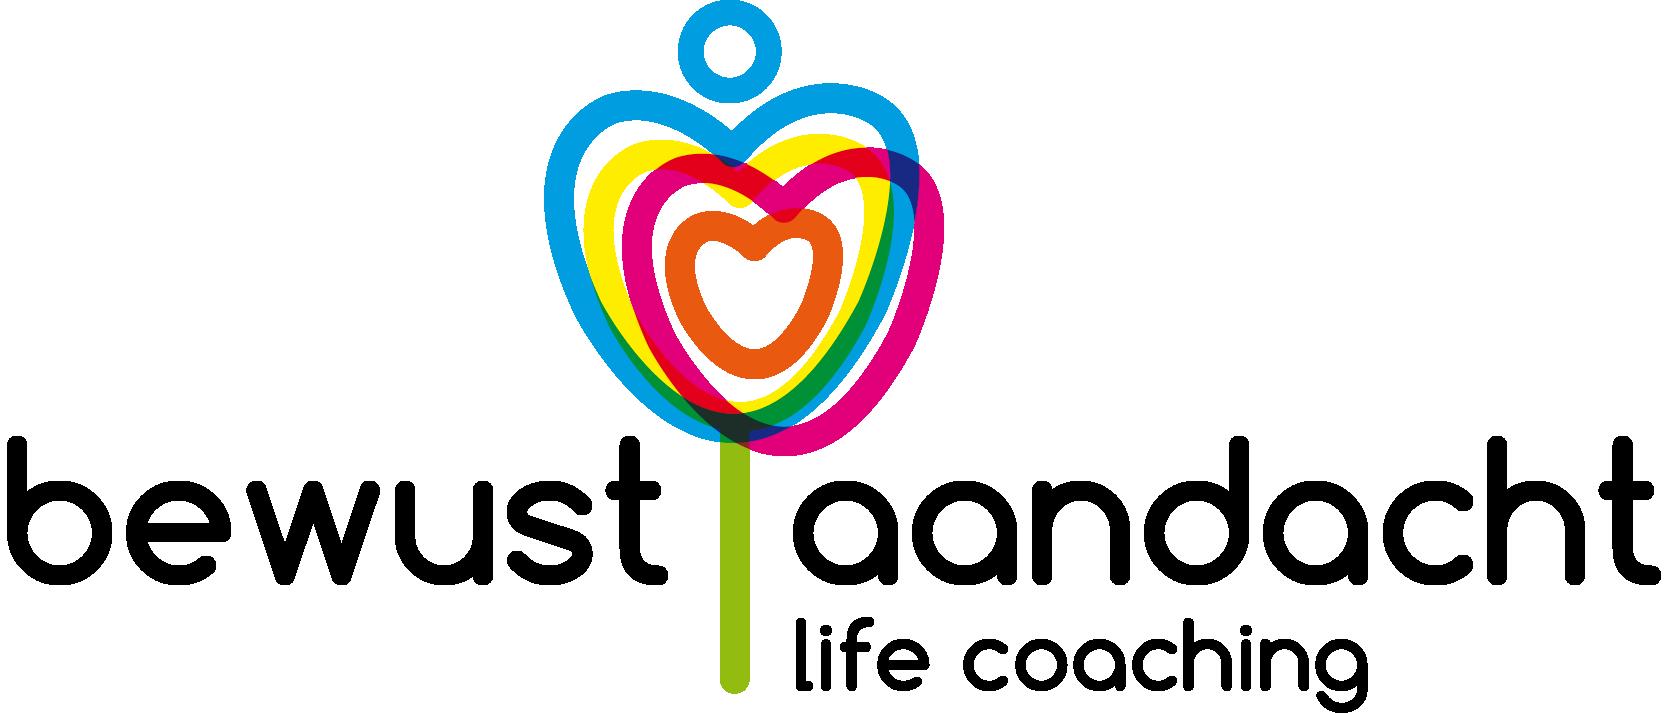 Spirituele coaching voor een vrij leven vanuit je hart en zielsmissie